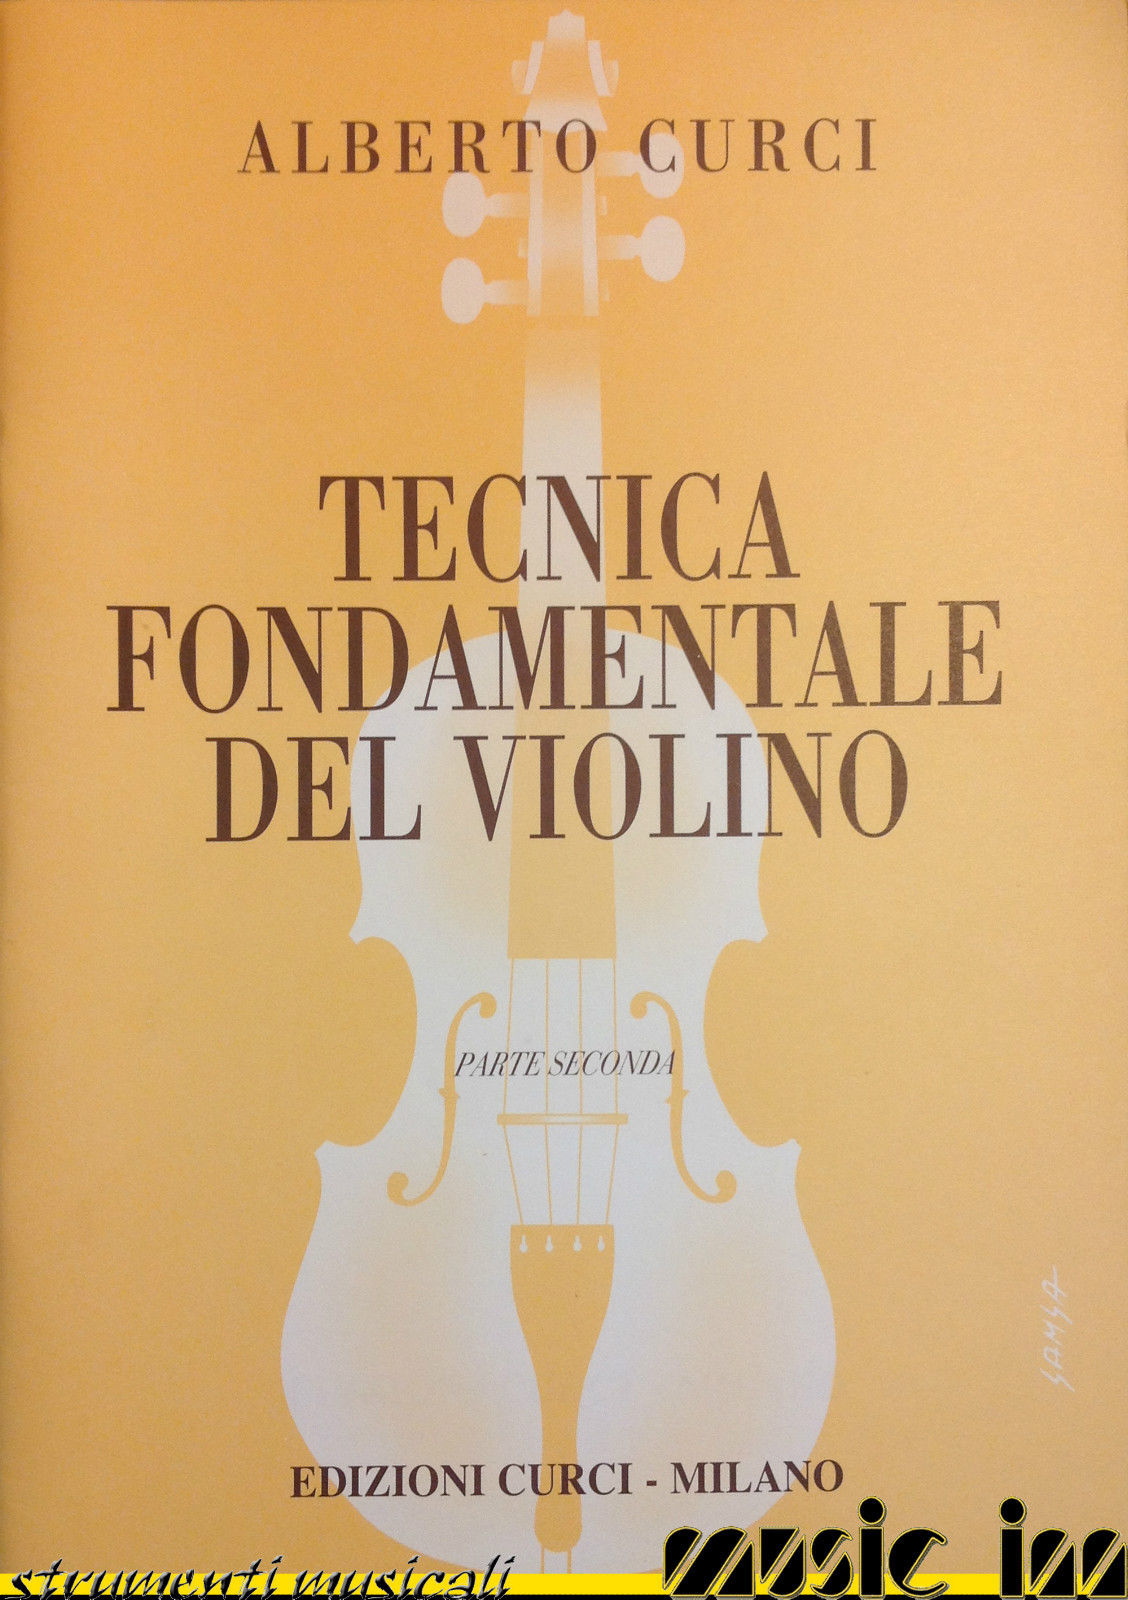 CURCI Tecnica fondamentale del violino Parte Seconda -